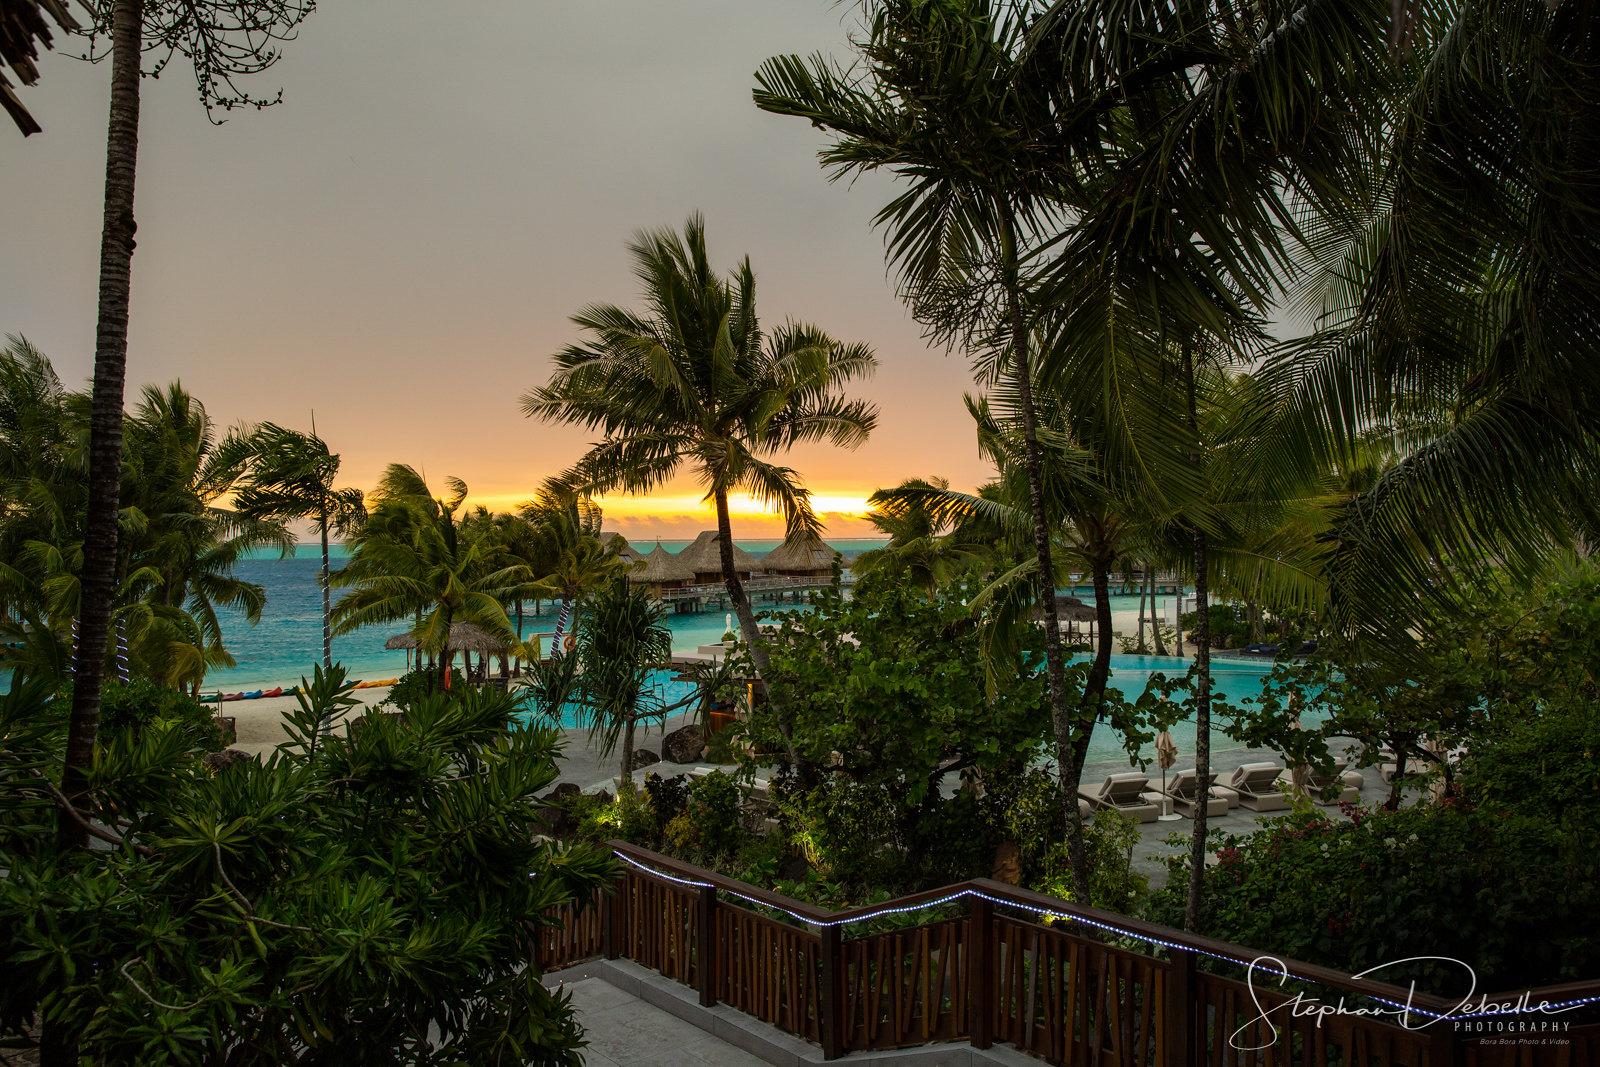 The Conrad Bora Bora Nui - Bora Bora